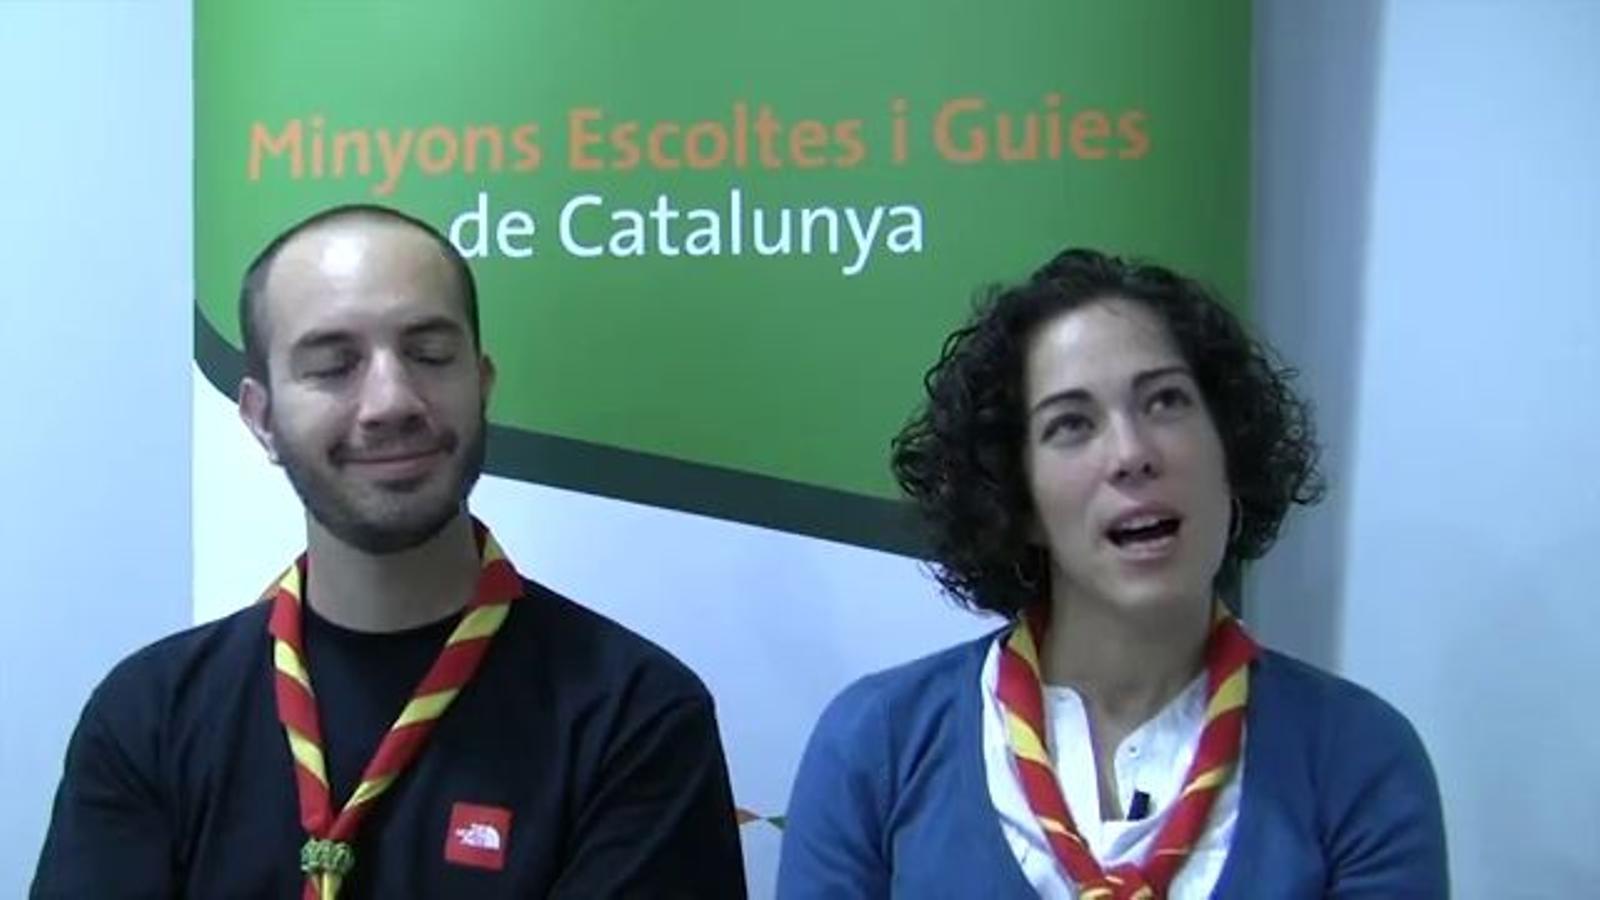 Xaxanet.org celebra 10 anys de voluntariat a Catalunya amb un vídeo